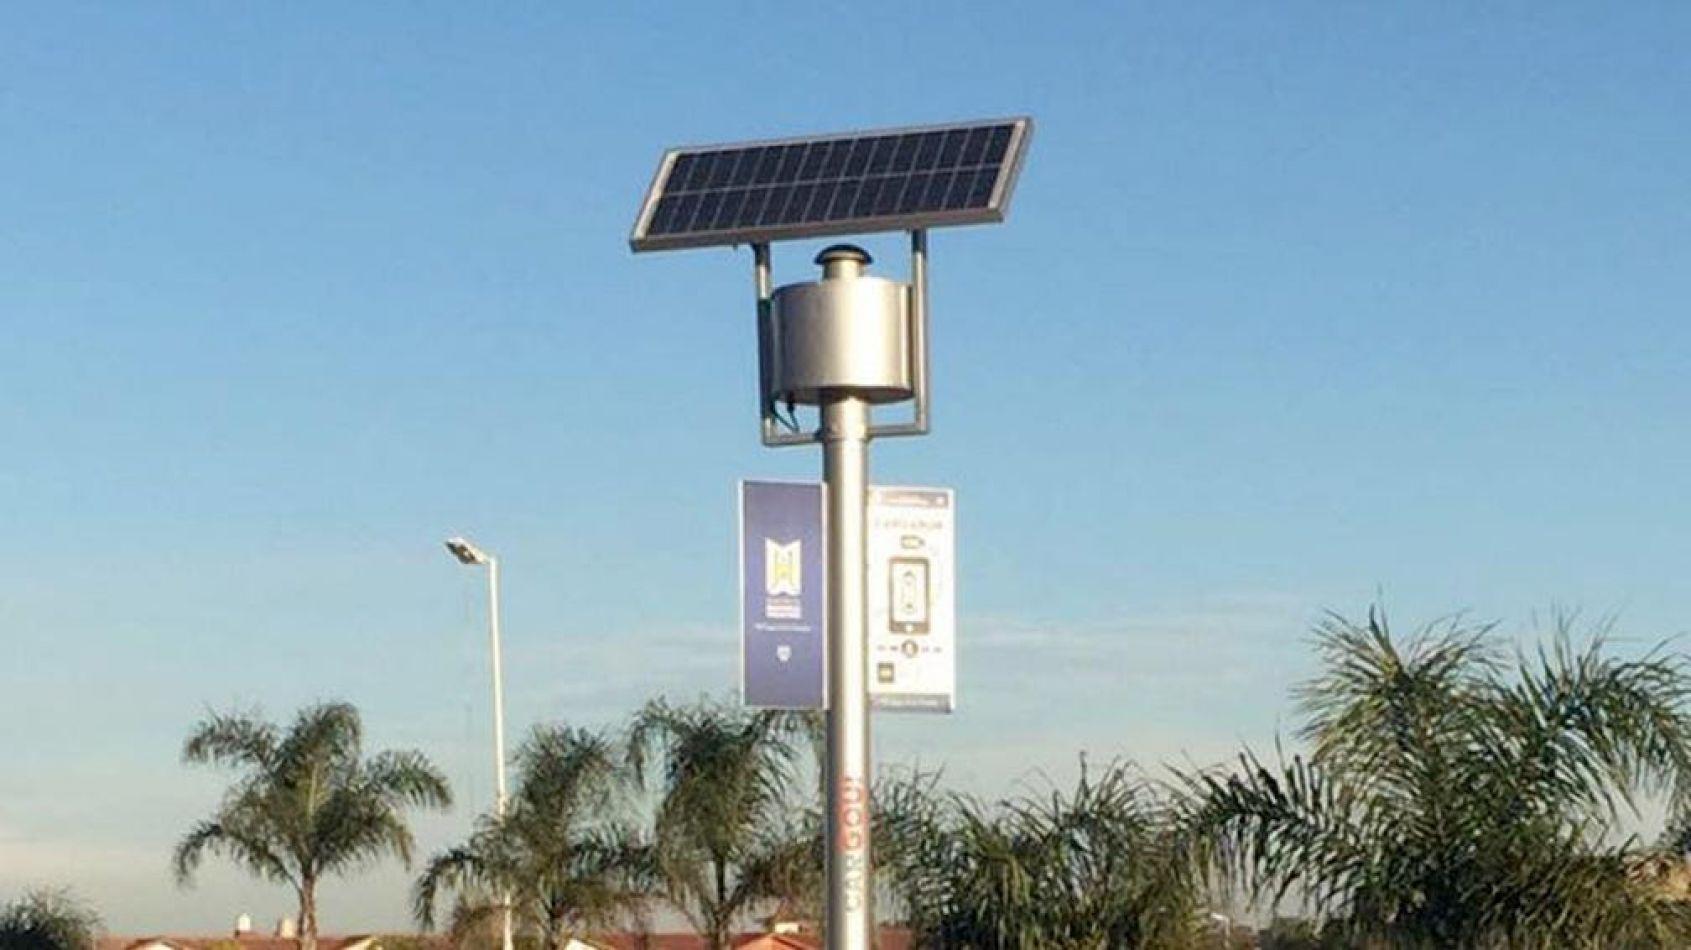 La DPE isntalará cargadores solares para celulares